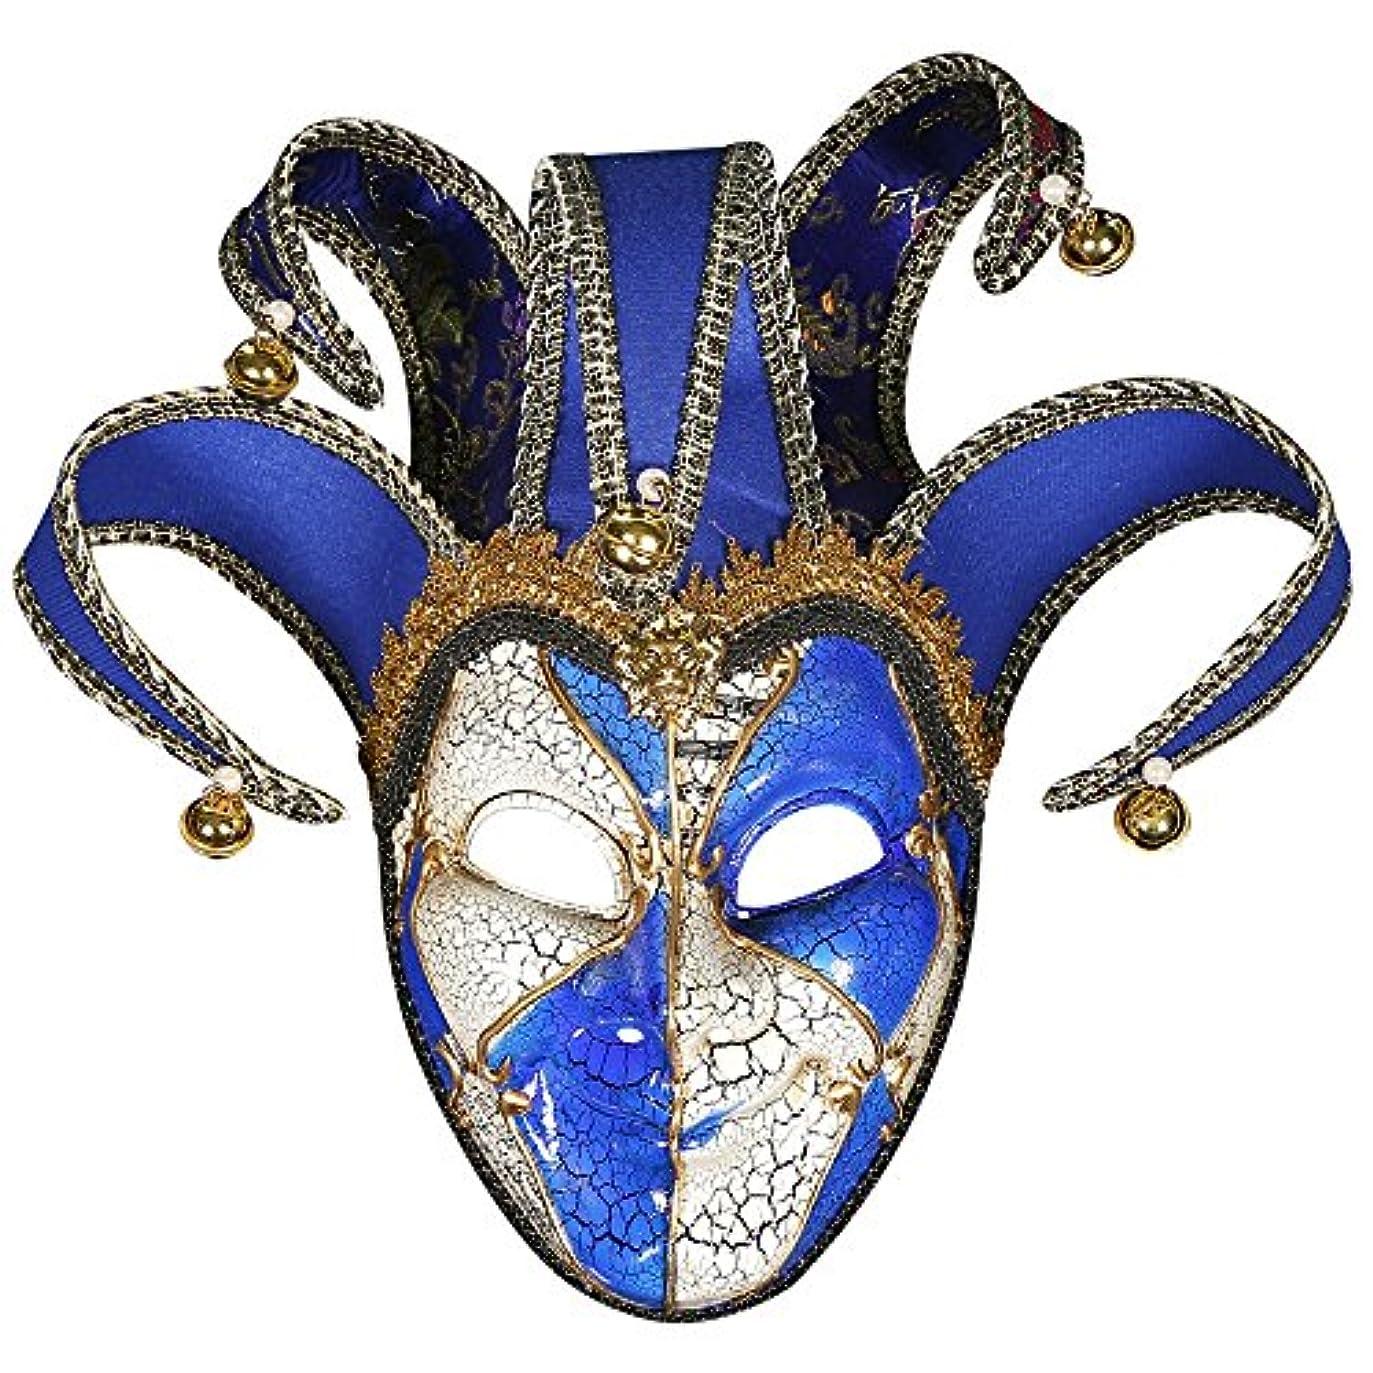 耐える雇う文法ハイエンドの美しいクラックフェスティバル仮面舞踏会マスクハロウィーン誕生日パーティーピエロマスク (Color : C)